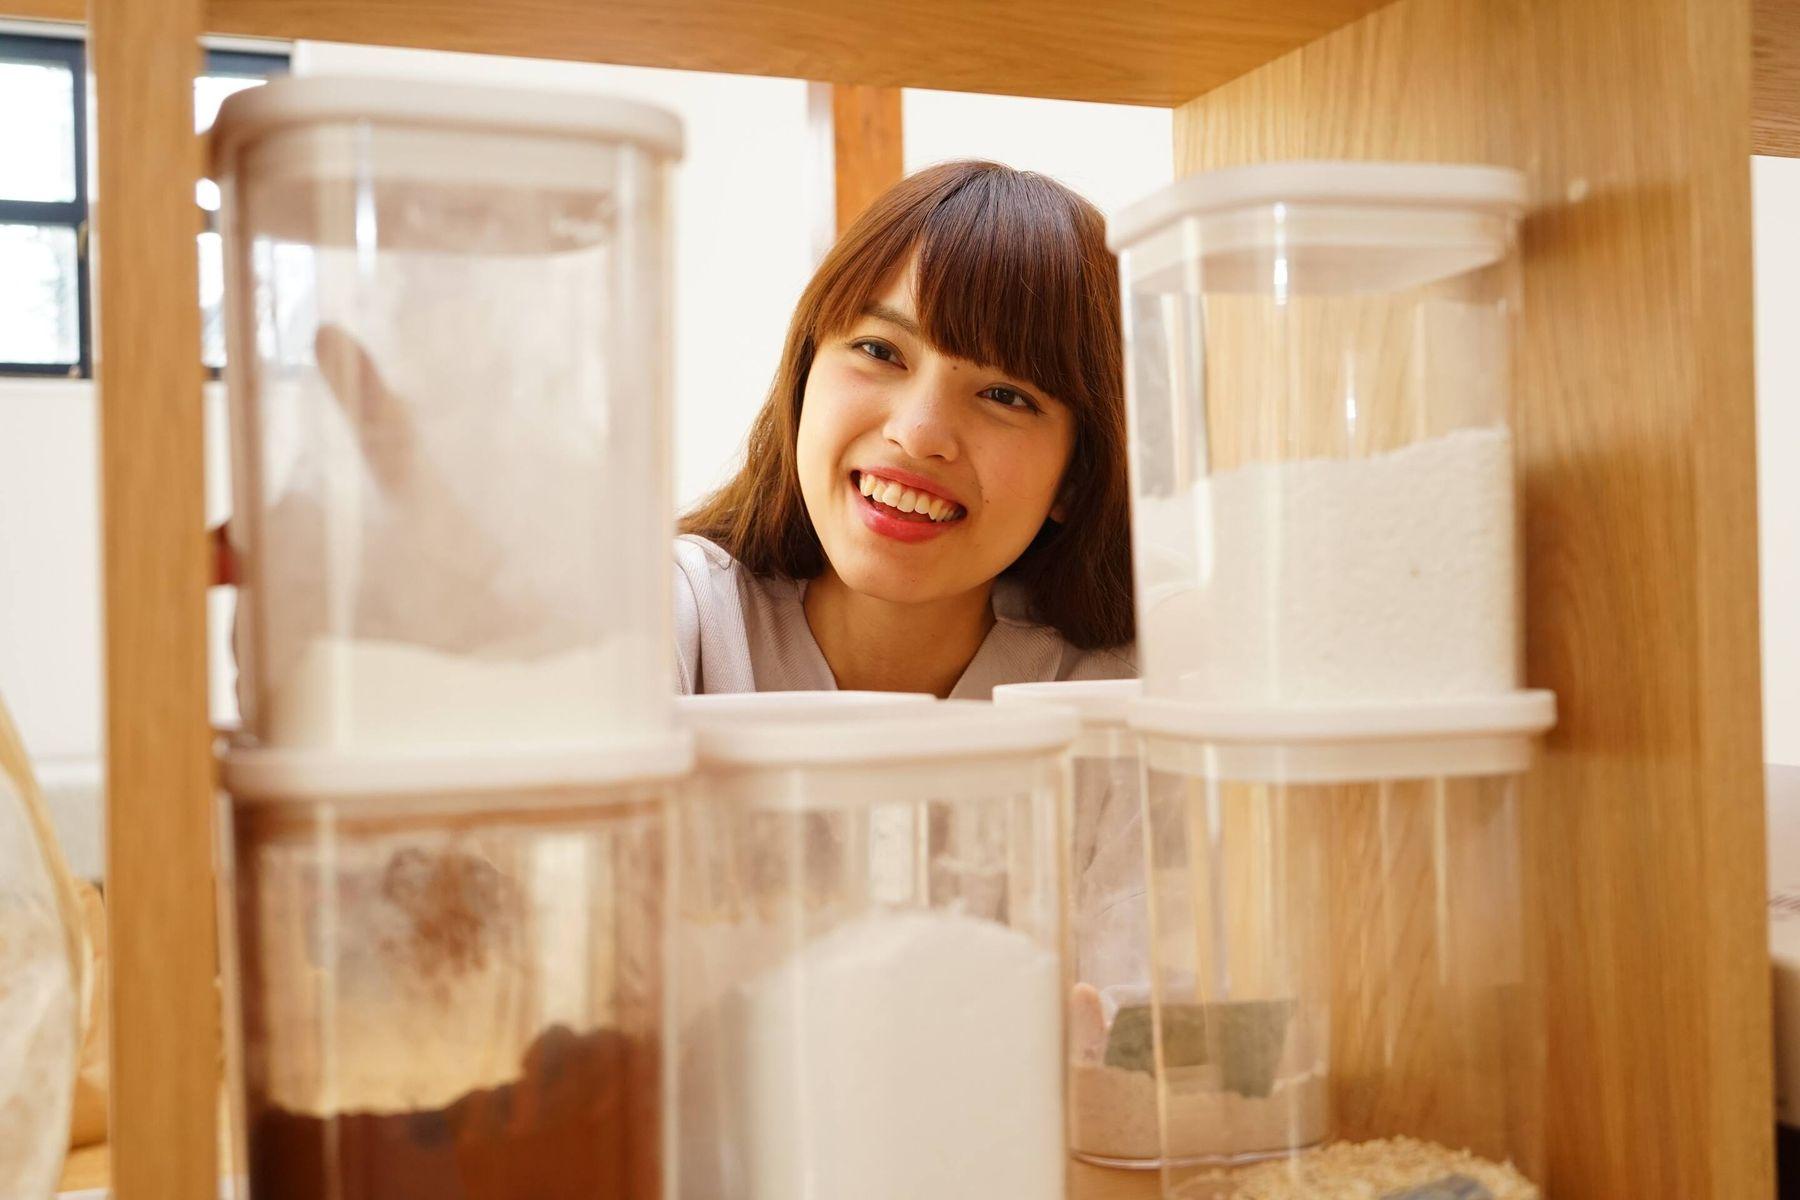 cách khử mùi hôi mắm tôm trên hộp nhựa thực phẩm